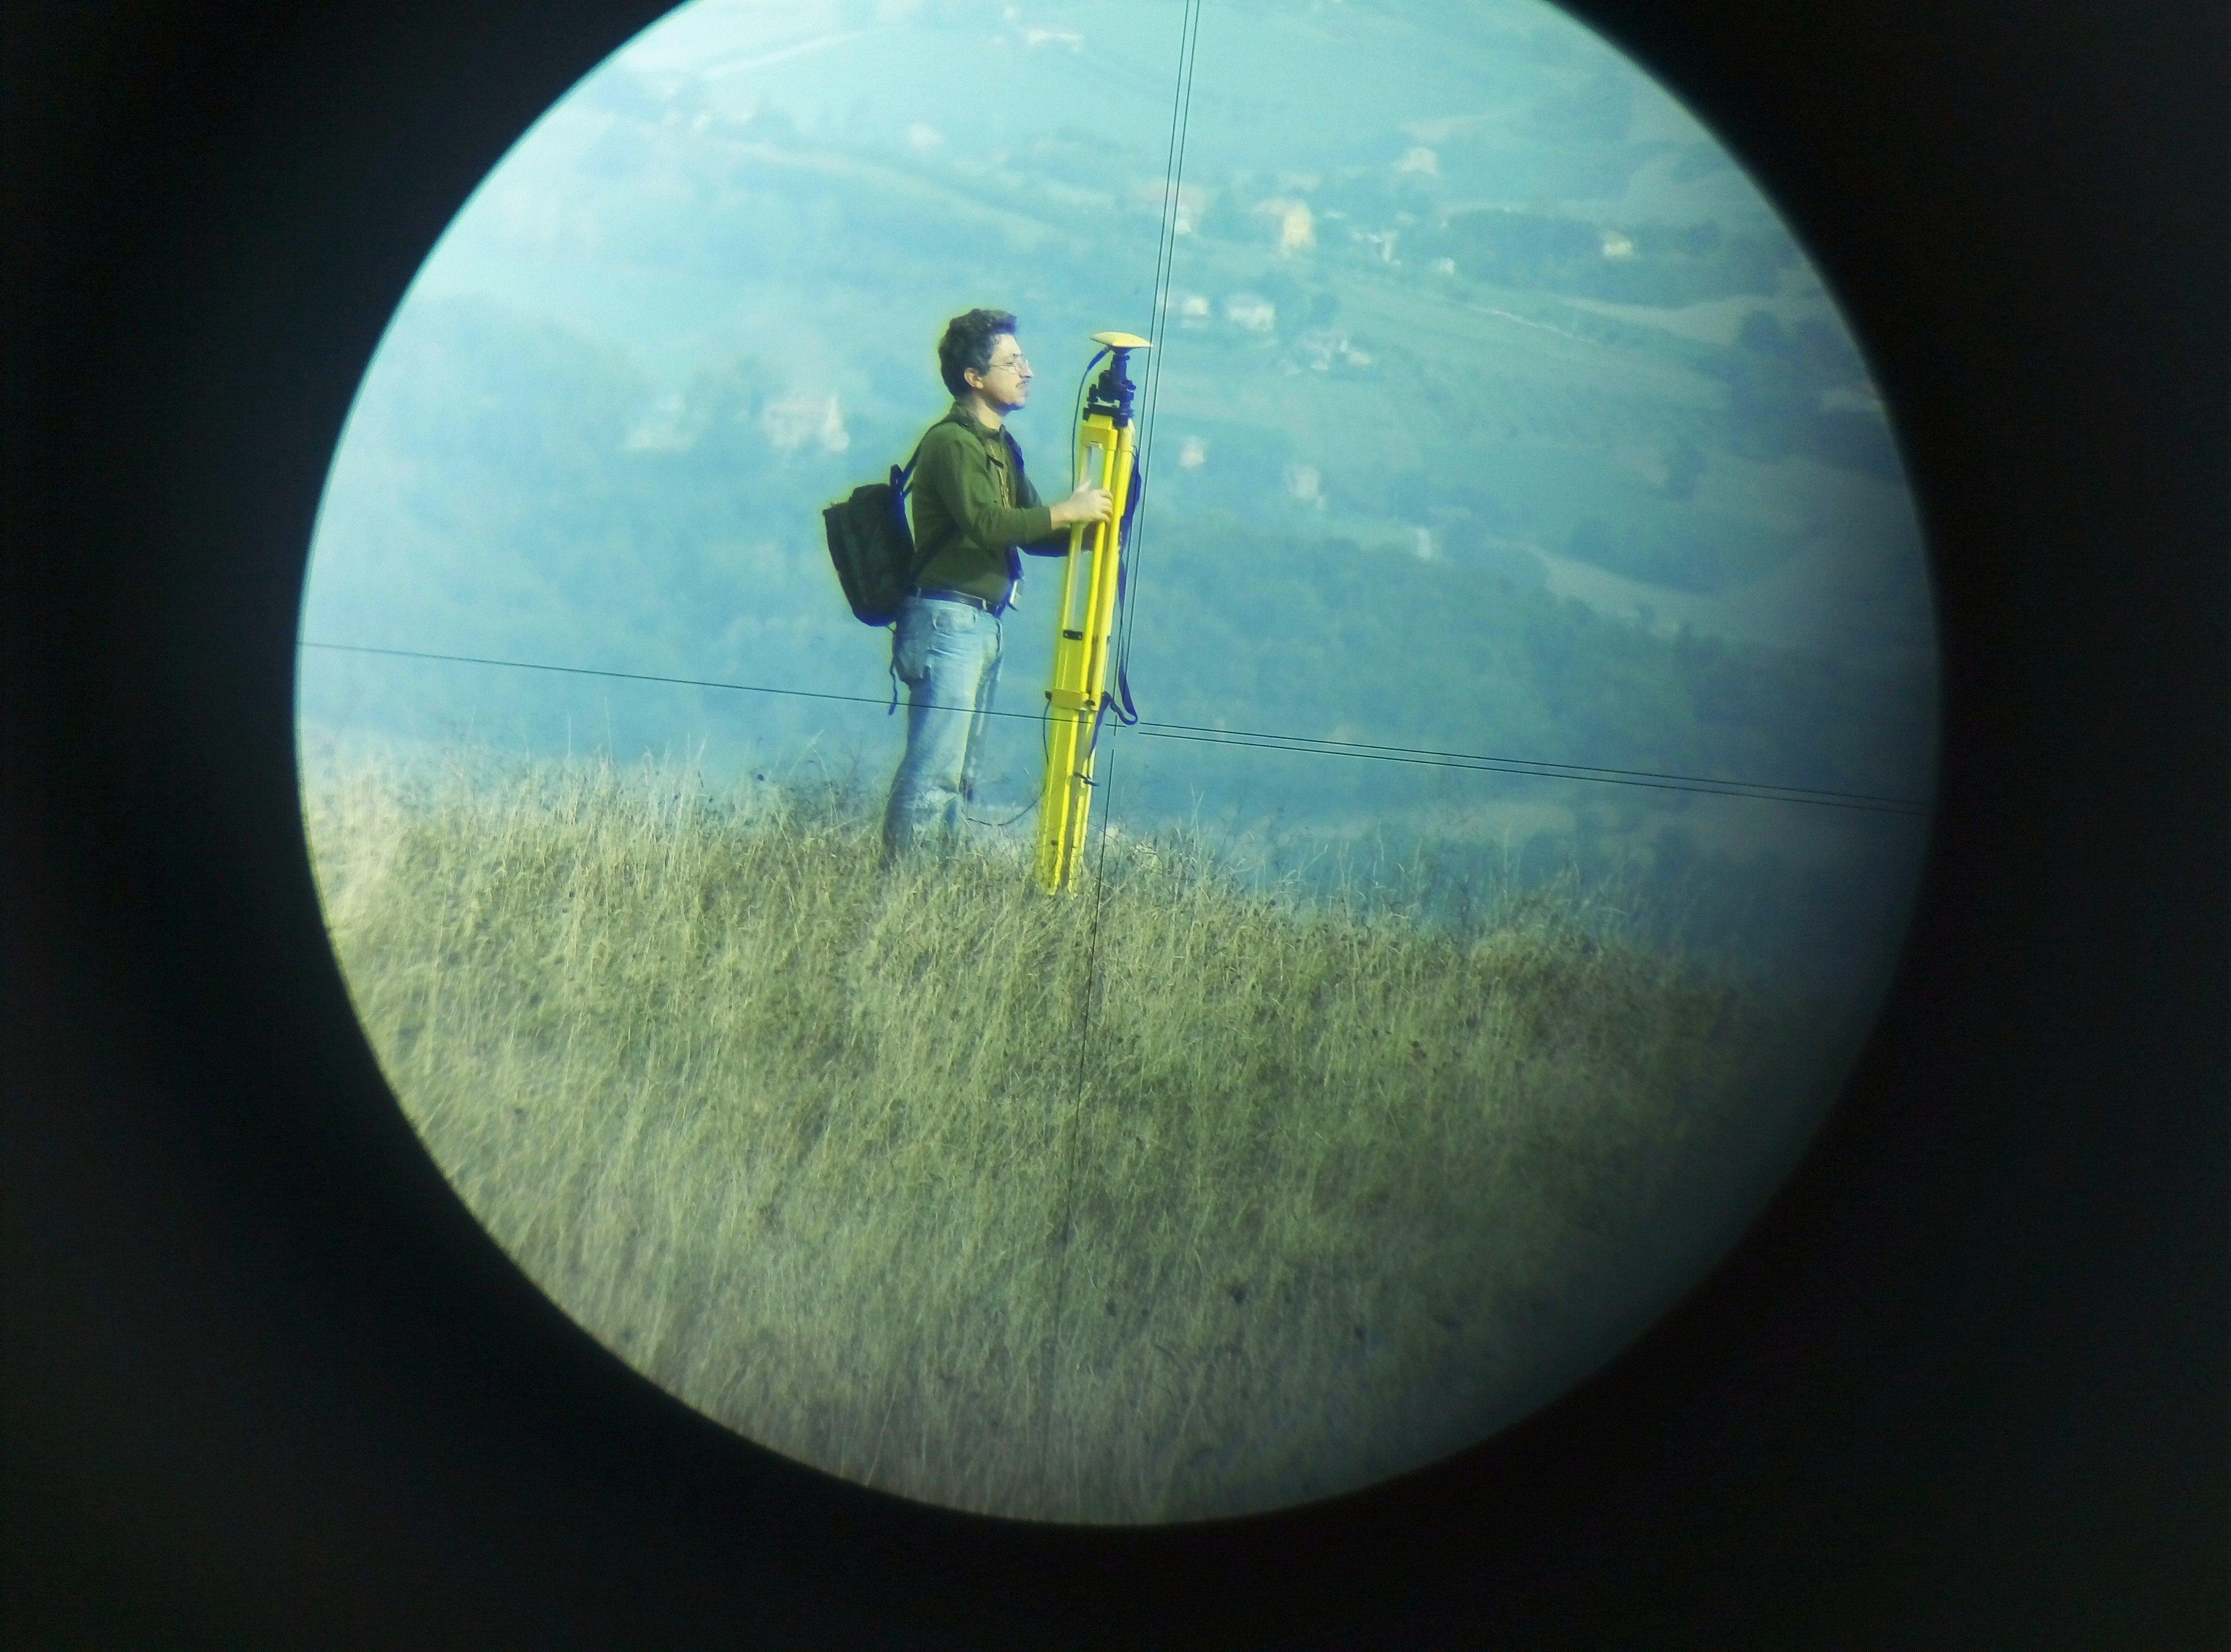 uomo ripreso da lontano mentre utilizza uno strumento per rilievo topografico